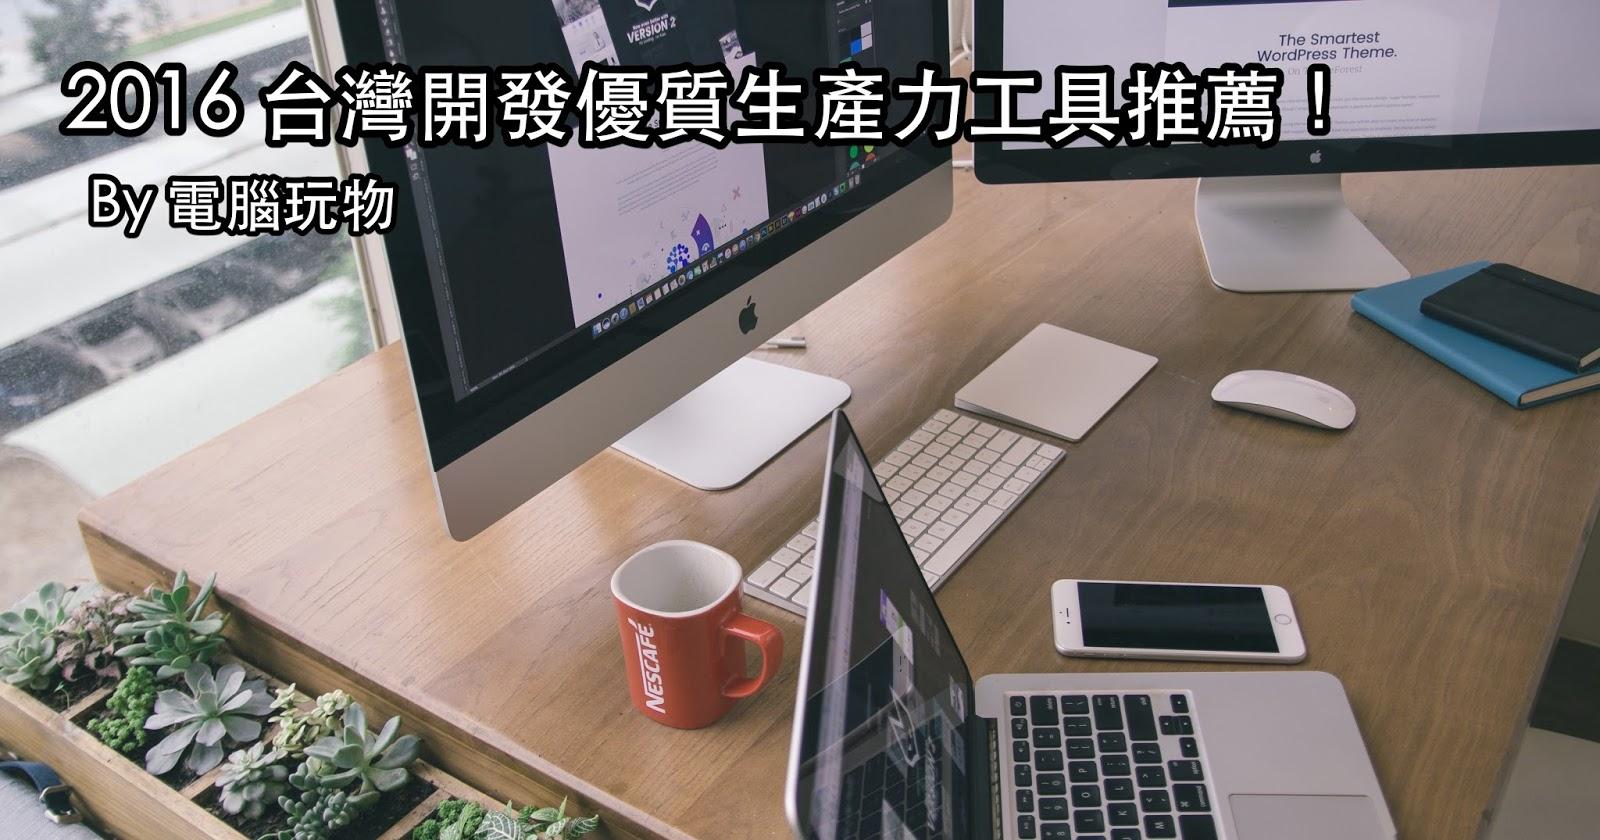 台灣開發幫你工作加分的 16 款生產力工具推薦清單